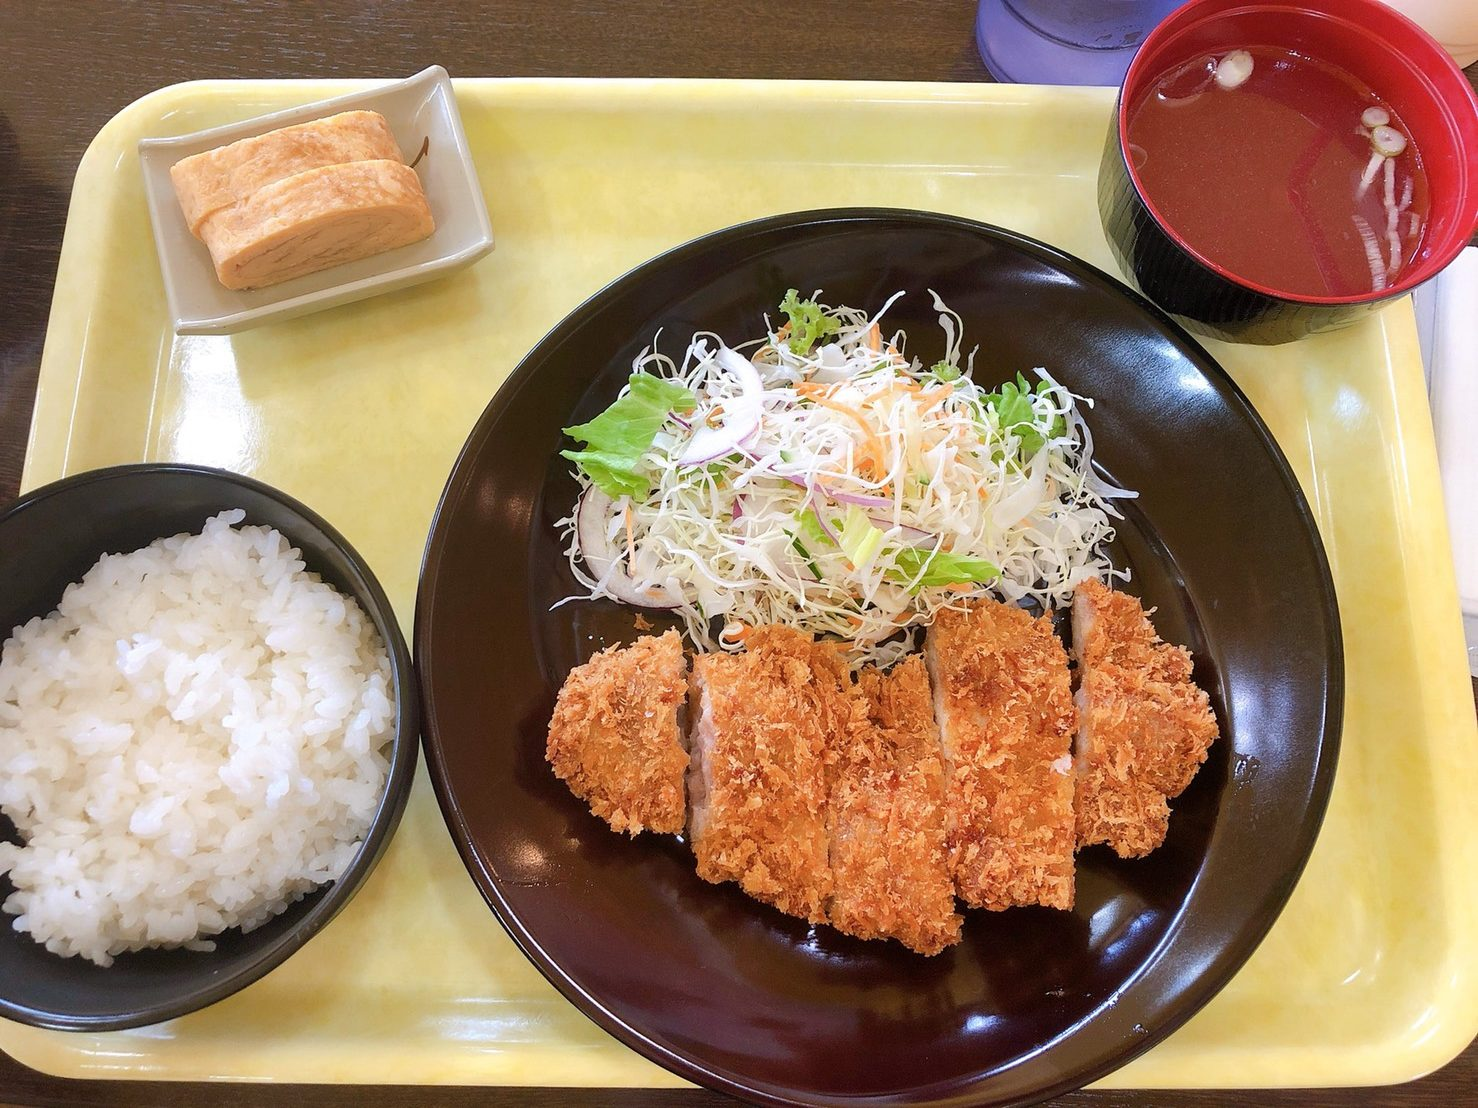 タマコッコ食堂のチキンカツ定食